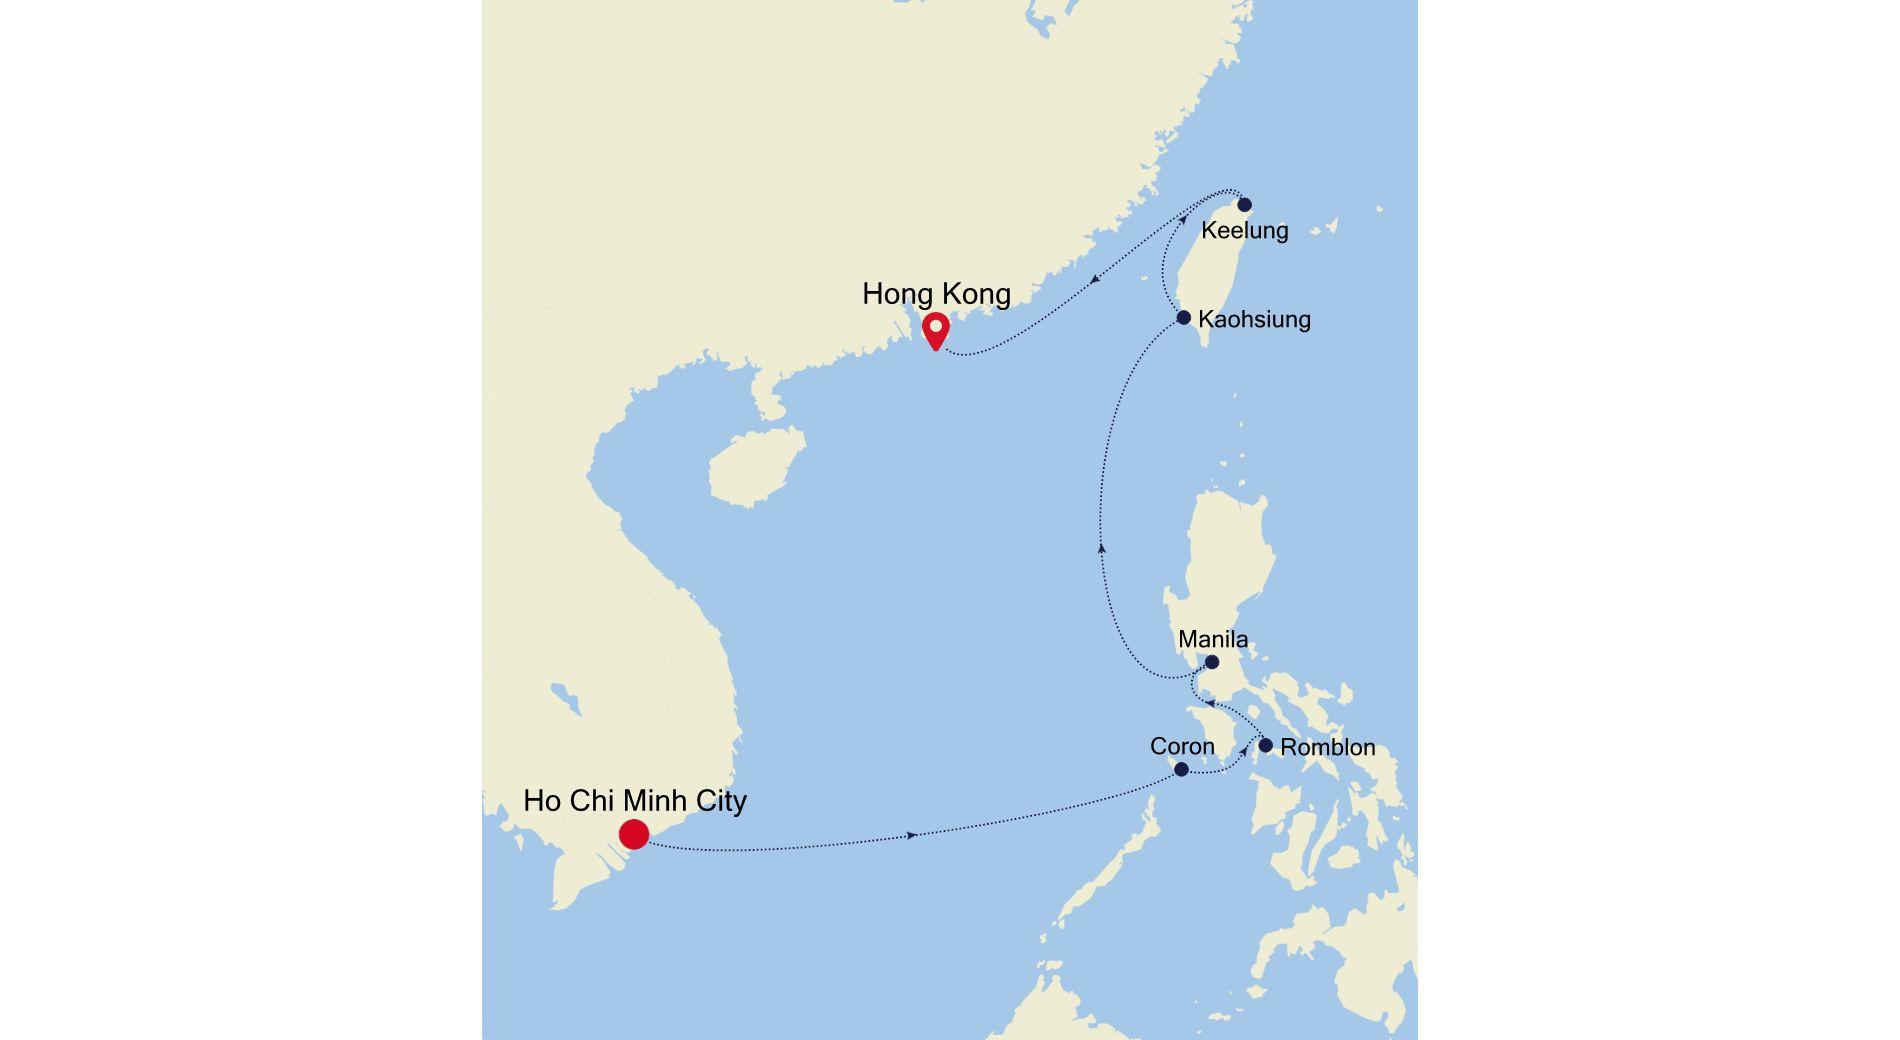 5003C - Ho Chi Minh City à Hong Kong